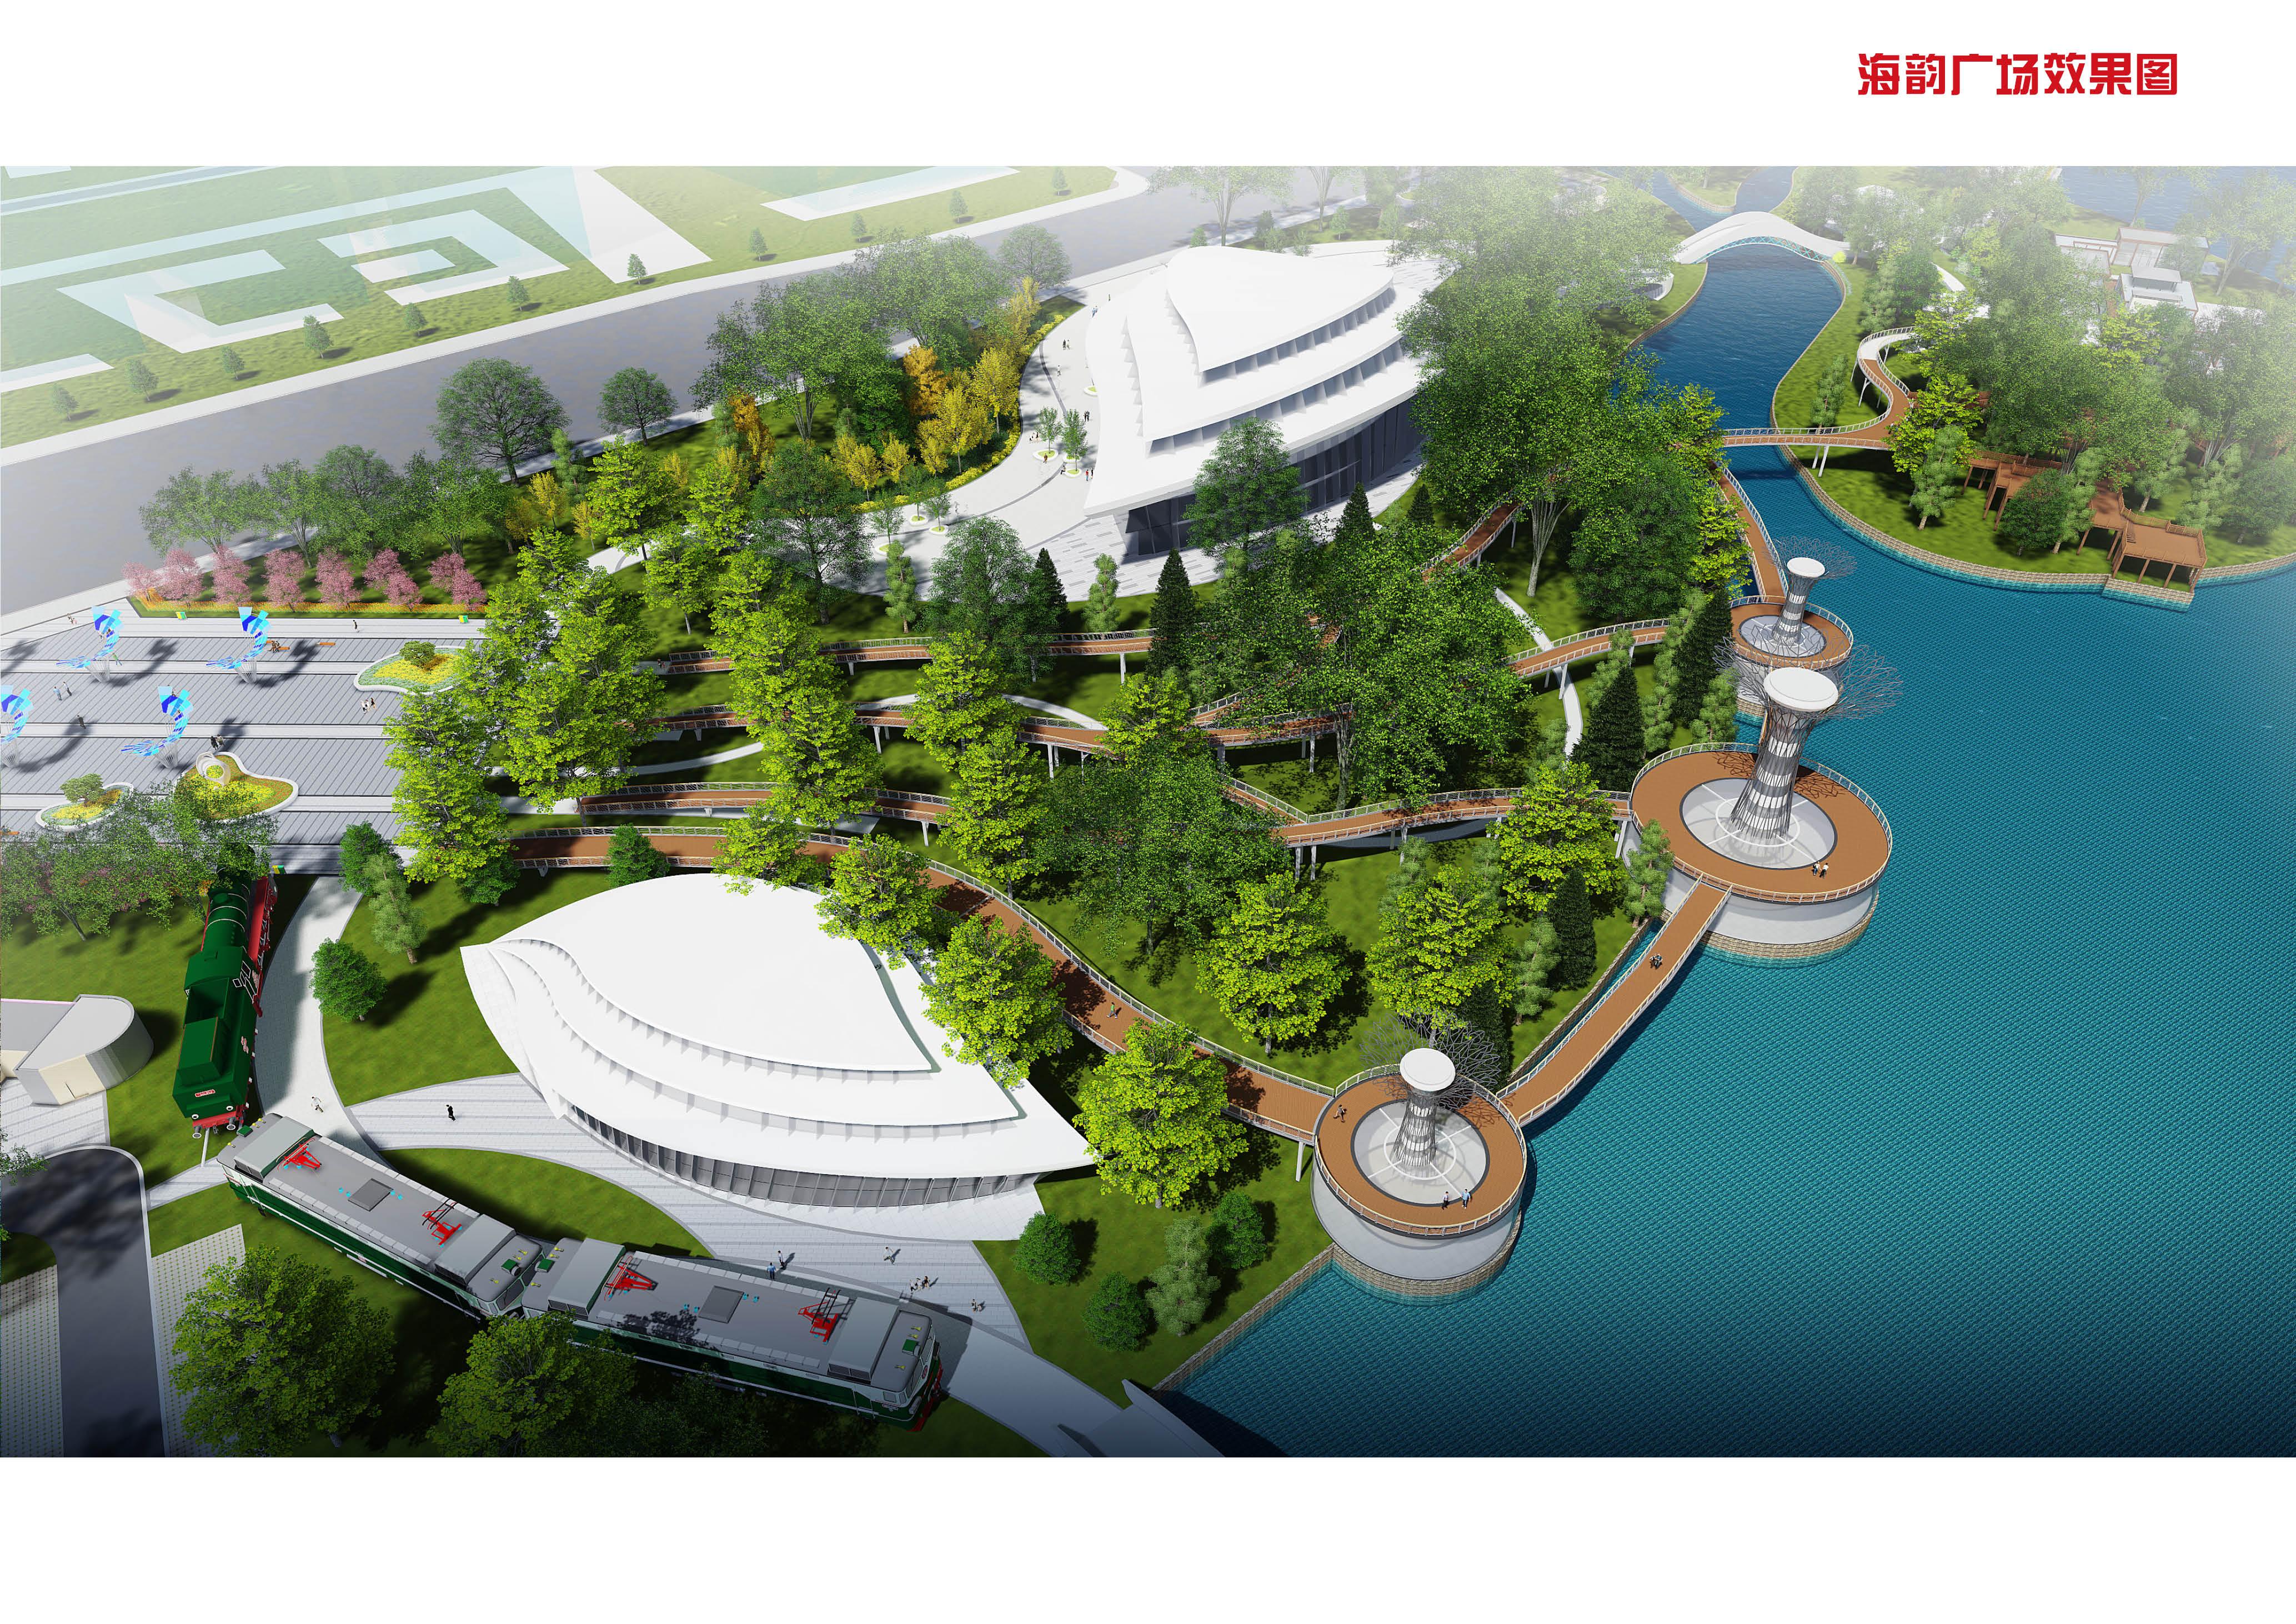 洋口港开发区海洋主题公园-洋口港开发区海洋主题公园景观设计54